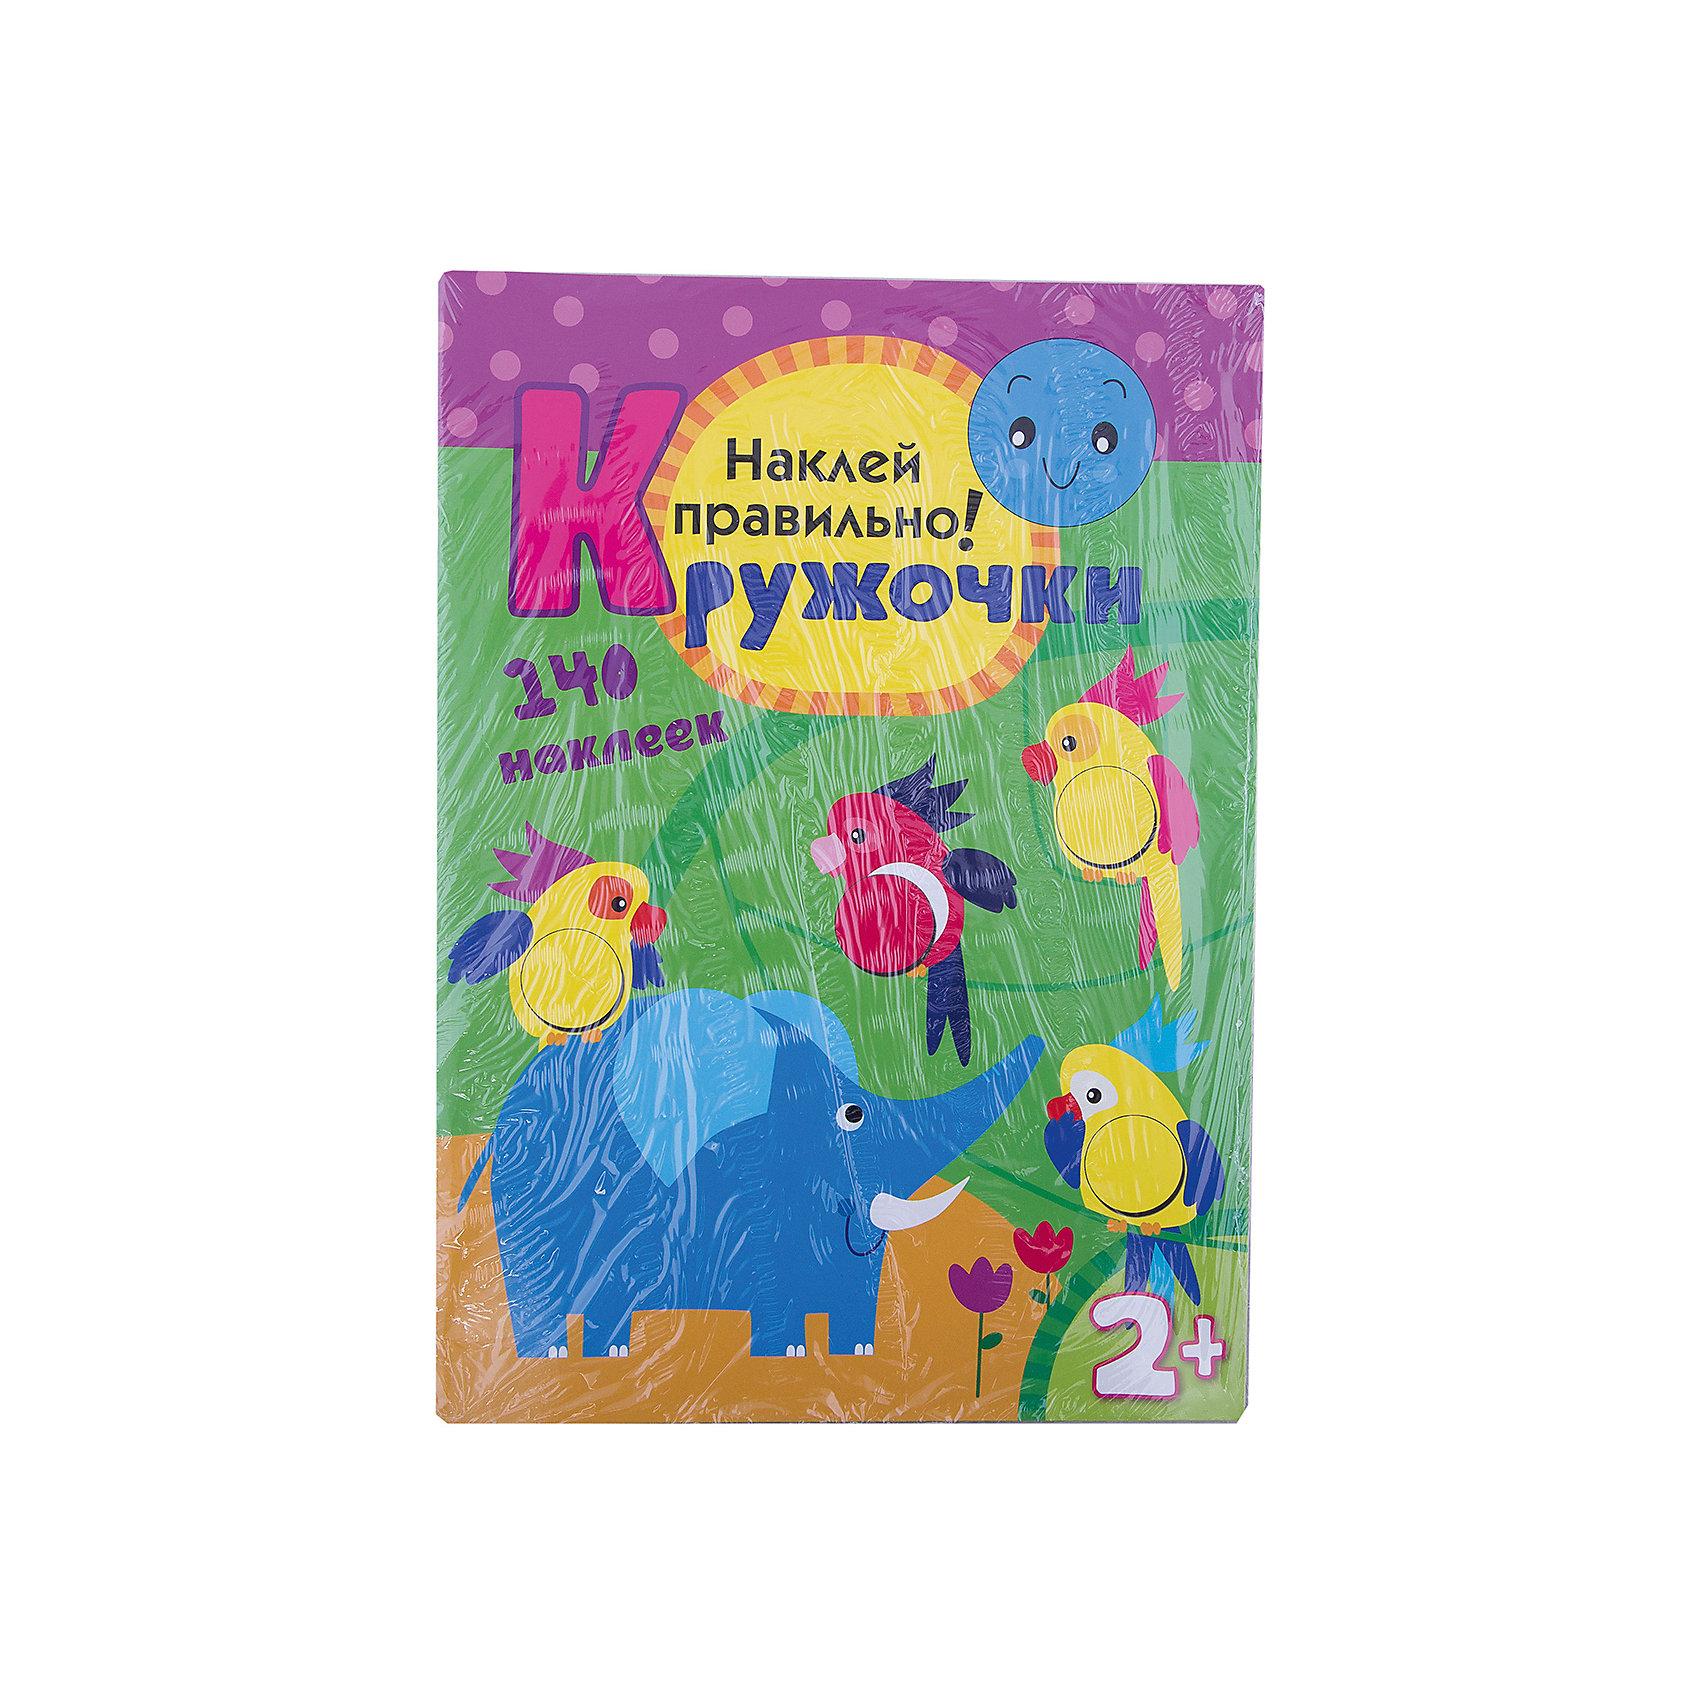 Кружочки Наклей правильноКнижки с наклейками<br>Характеристики кружочков Наклей правильно:<br><br>• возраст: от 2 лет<br>• пол: для мальчиков и девочек<br>• ISBN: 9785431503672<br>• материал: бумага мелованная<br>• количество страниц: 16<br>• размер книжки: 21х29.5х0,1 см.<br>• масса: 90 гр.<br>• тип обложки: мягкая.<br>• иллюстрации: цветные.<br>• автор: Вилюнова Валерия<br>• бренд: Мозаика-Синтез<br>• страна обладатель бренда: Россия.<br><br>В этой веселой книжке Вашему ребенку предлагаются доступные развивающие задания: подобрать наклейки-кружочки по цвету и приклеить в нужное место. В этой книжке вы найдете: <br><br>- наклейки для развития мелкой моторики; <br>- яркие иллюстрации и простые веселые стихи; <br>- интересные задания.<br><br>Кружочки Наклей правильно от издательства Мозаика-Синтез можно купить в нашем интернет-магазине.<br><br>Ширина мм: 2<br>Глубина мм: 210<br>Высота мм: 297<br>Вес г: 95<br>Возраст от месяцев: 24<br>Возраст до месяцев: 48<br>Пол: Унисекс<br>Возраст: Детский<br>SKU: 5362853